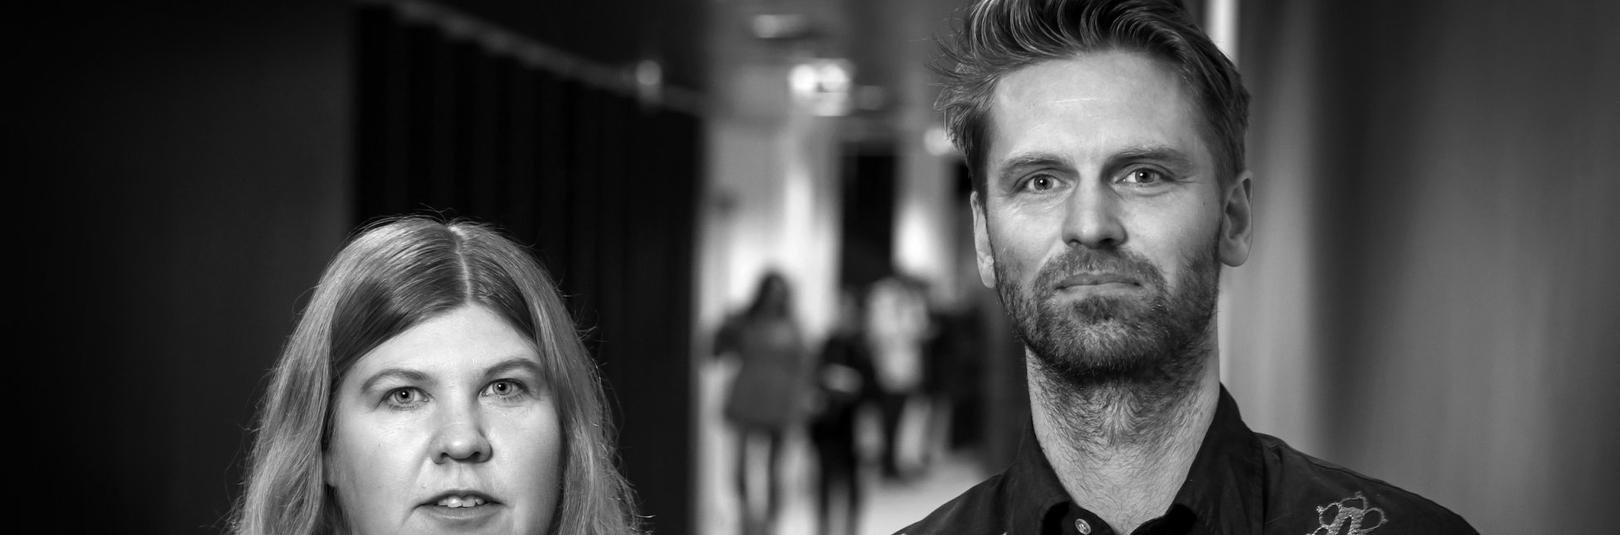 Sigrún Ólafsdóttir prófessor og Kjartan Páll Sveinsson nýdoktor.